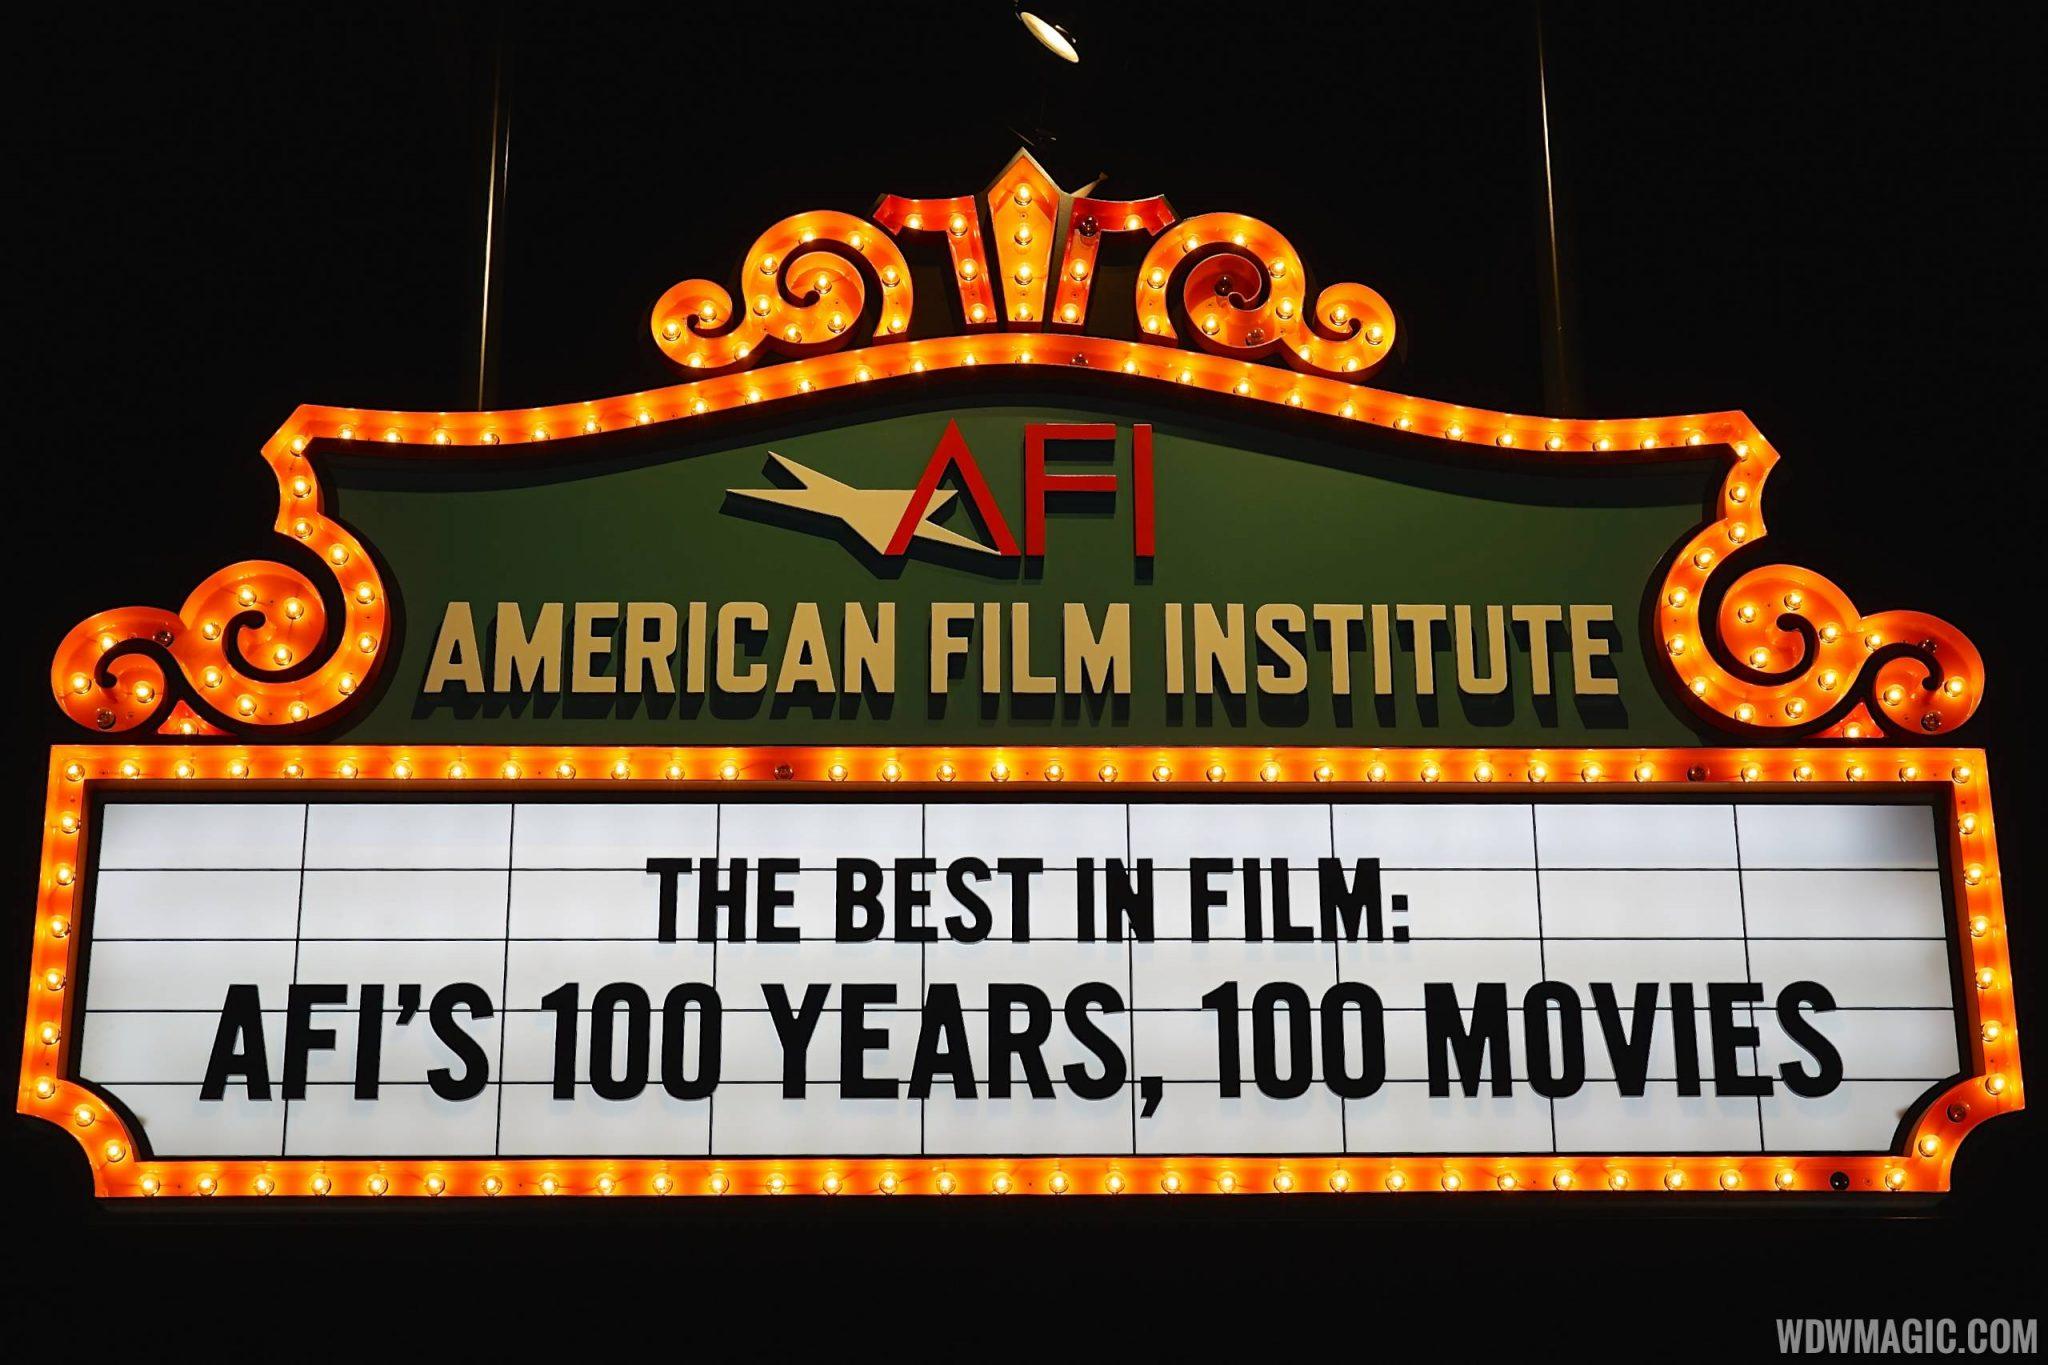 American Film Institute's Top 100 Movies